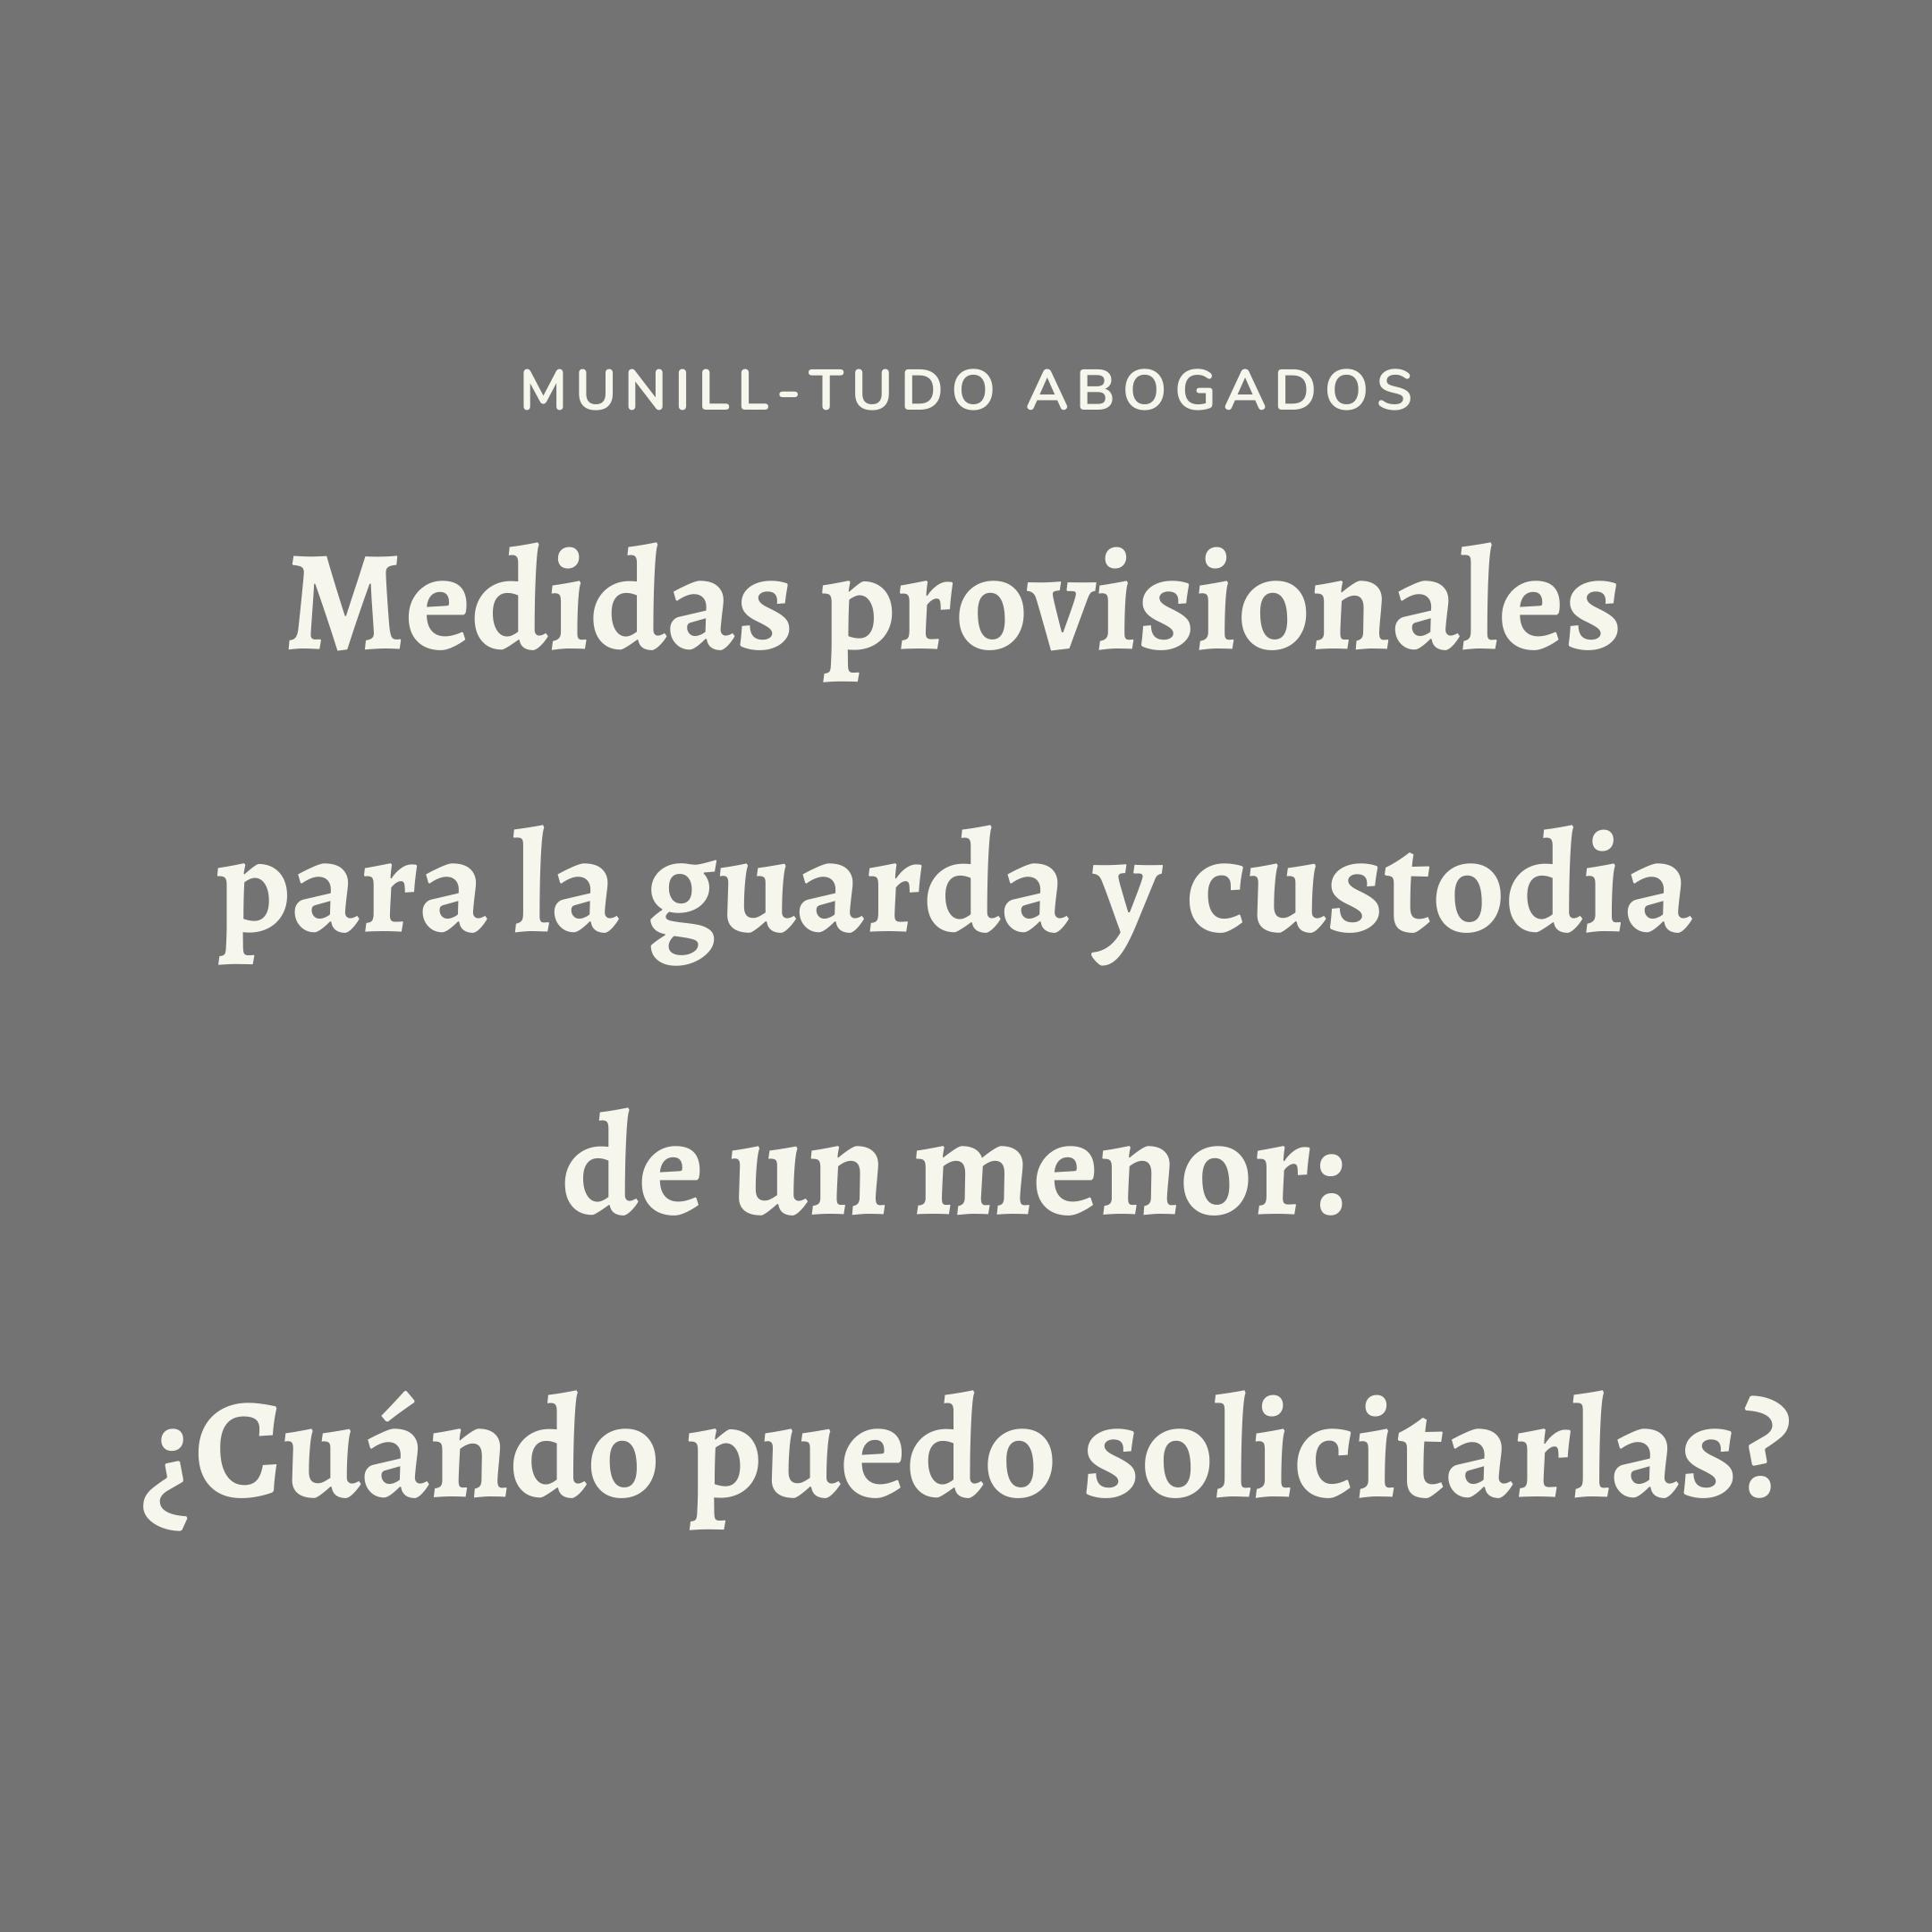 Medidas provisionales para la guarda y custodia de un menor